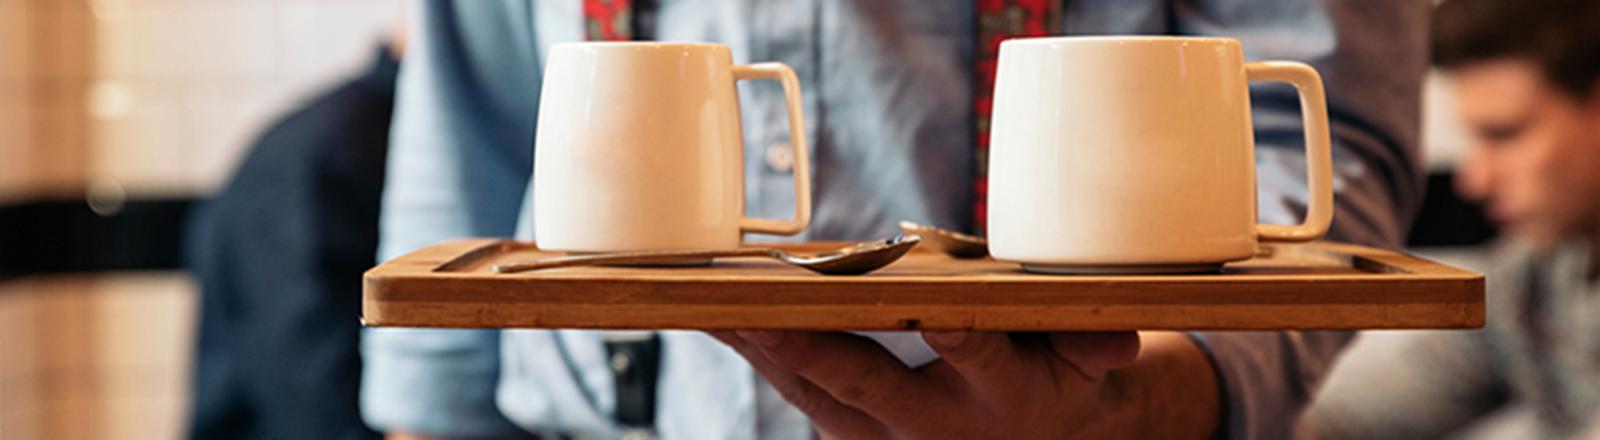 Mann hält Tablett mit Kaffeetassen in den Händen